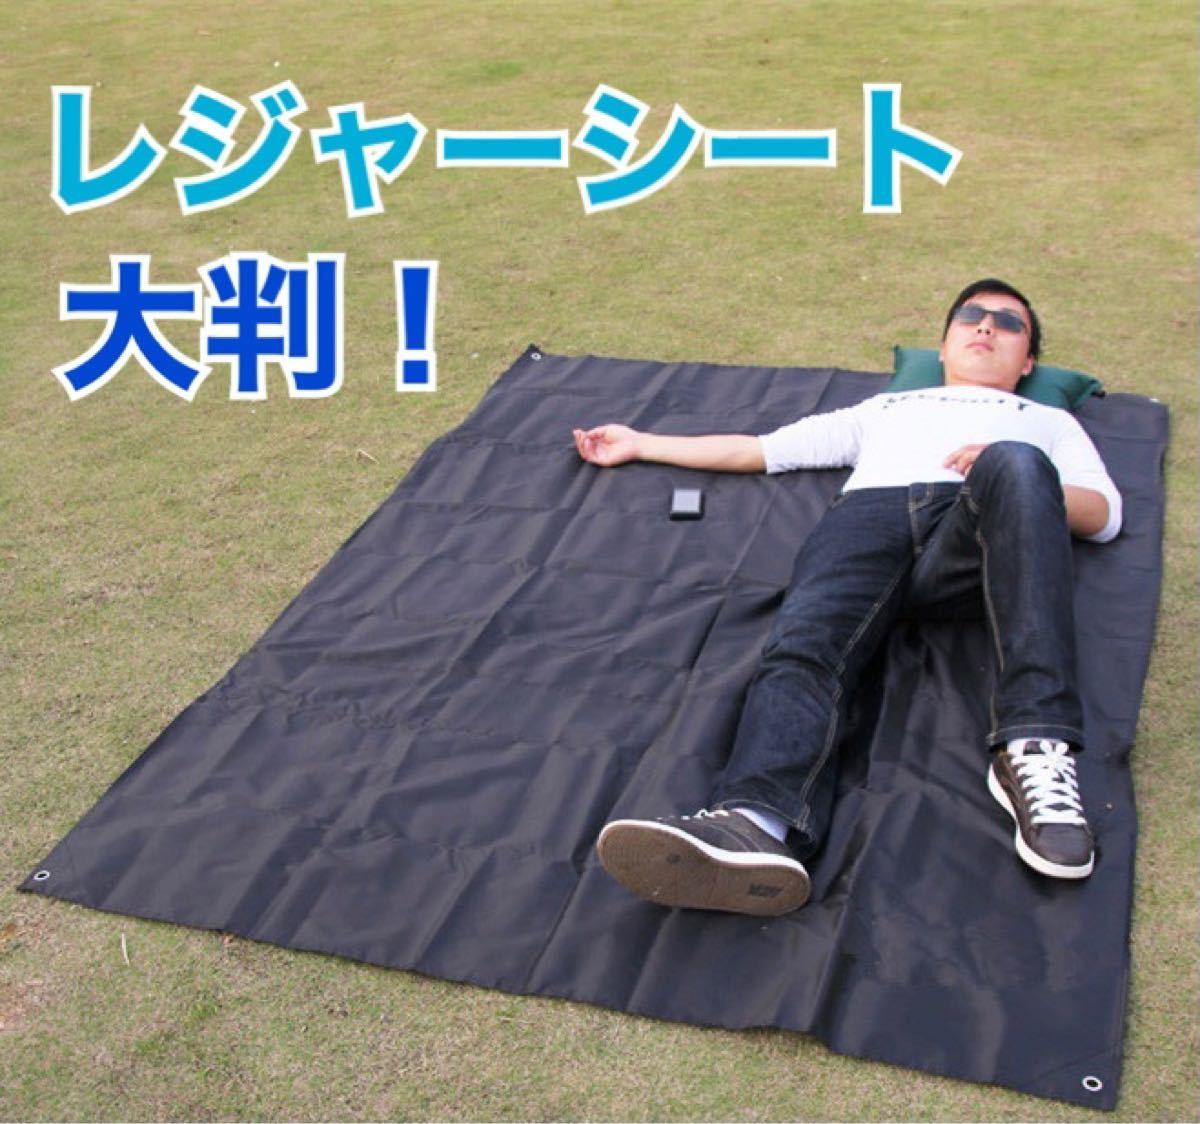 レジャーシート 大判 キャンプ ピクニック 運動会 お花見 アウトドア ブラック